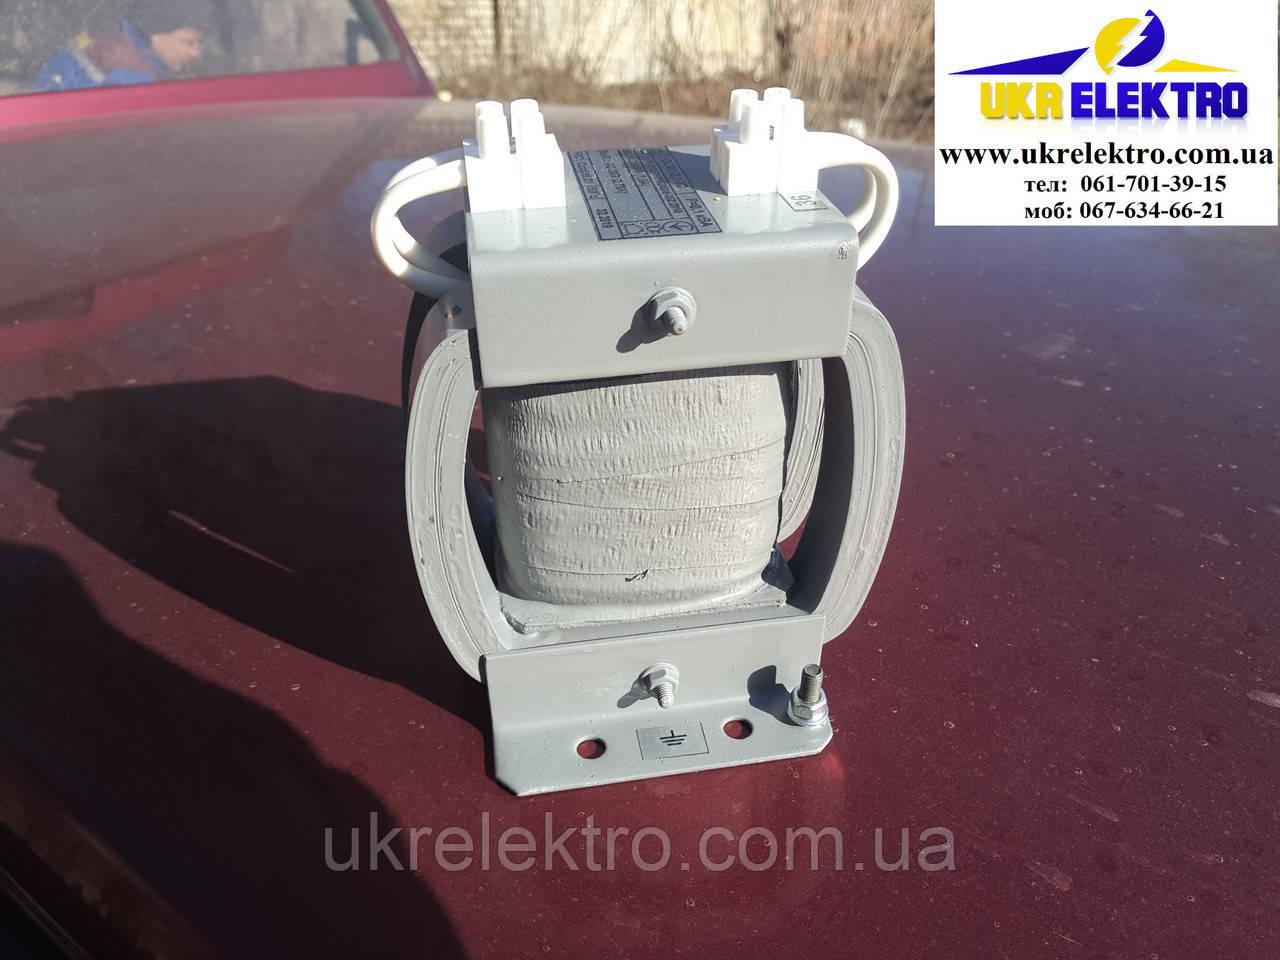 Трансформатор понижающий однофазный низковольтный ОСМ-1 4,0